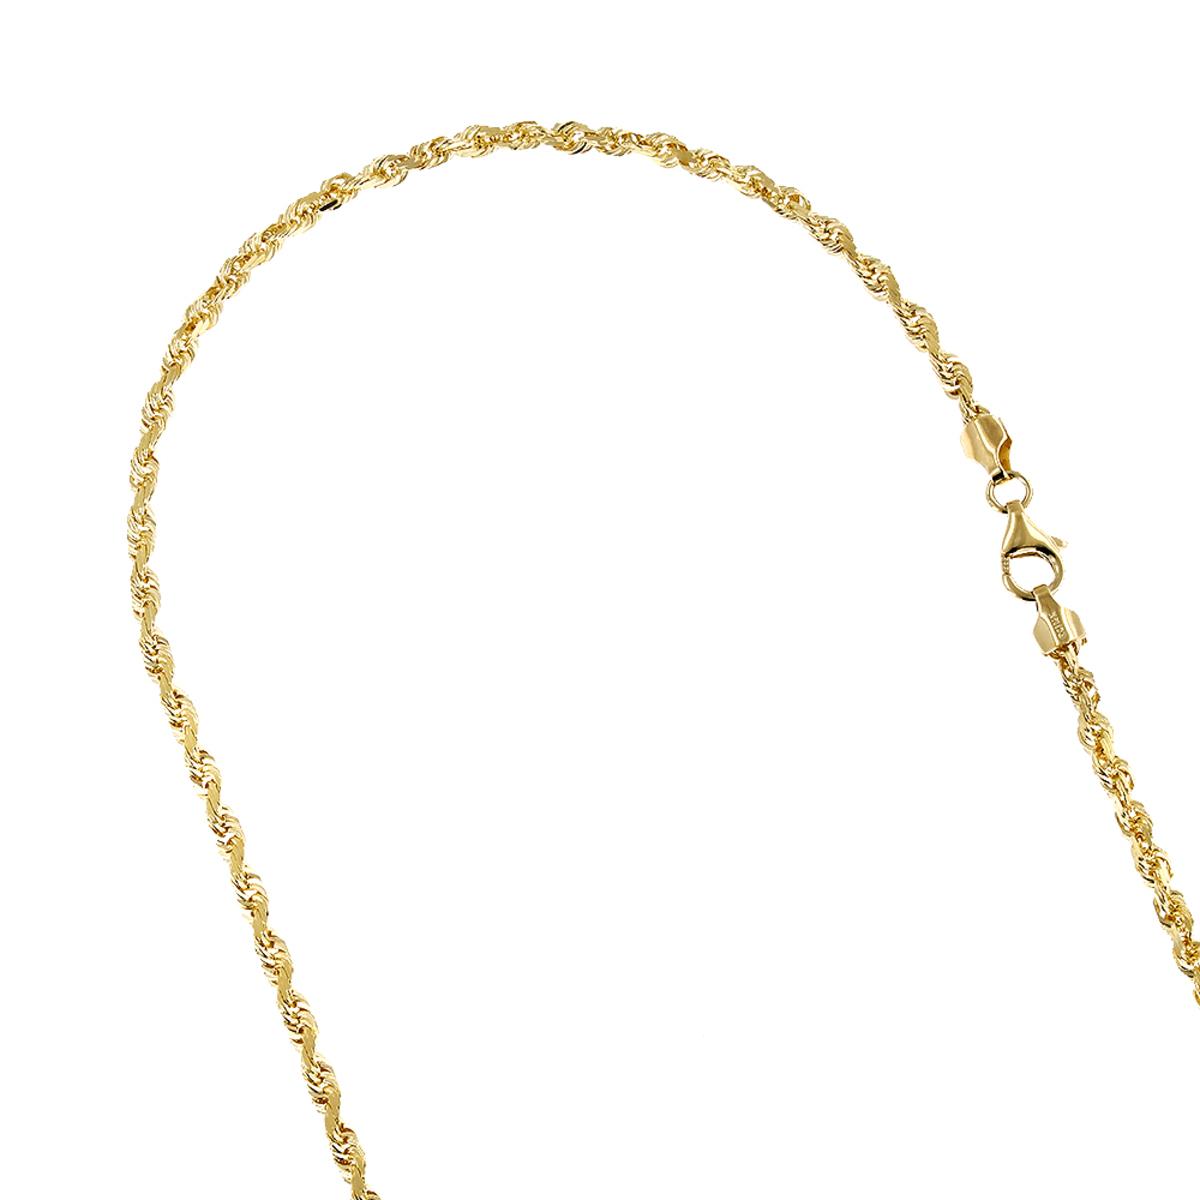 LUXURMAN Solid 10k Gold Rope Chain For Men & Women Diamond Cut 4mm